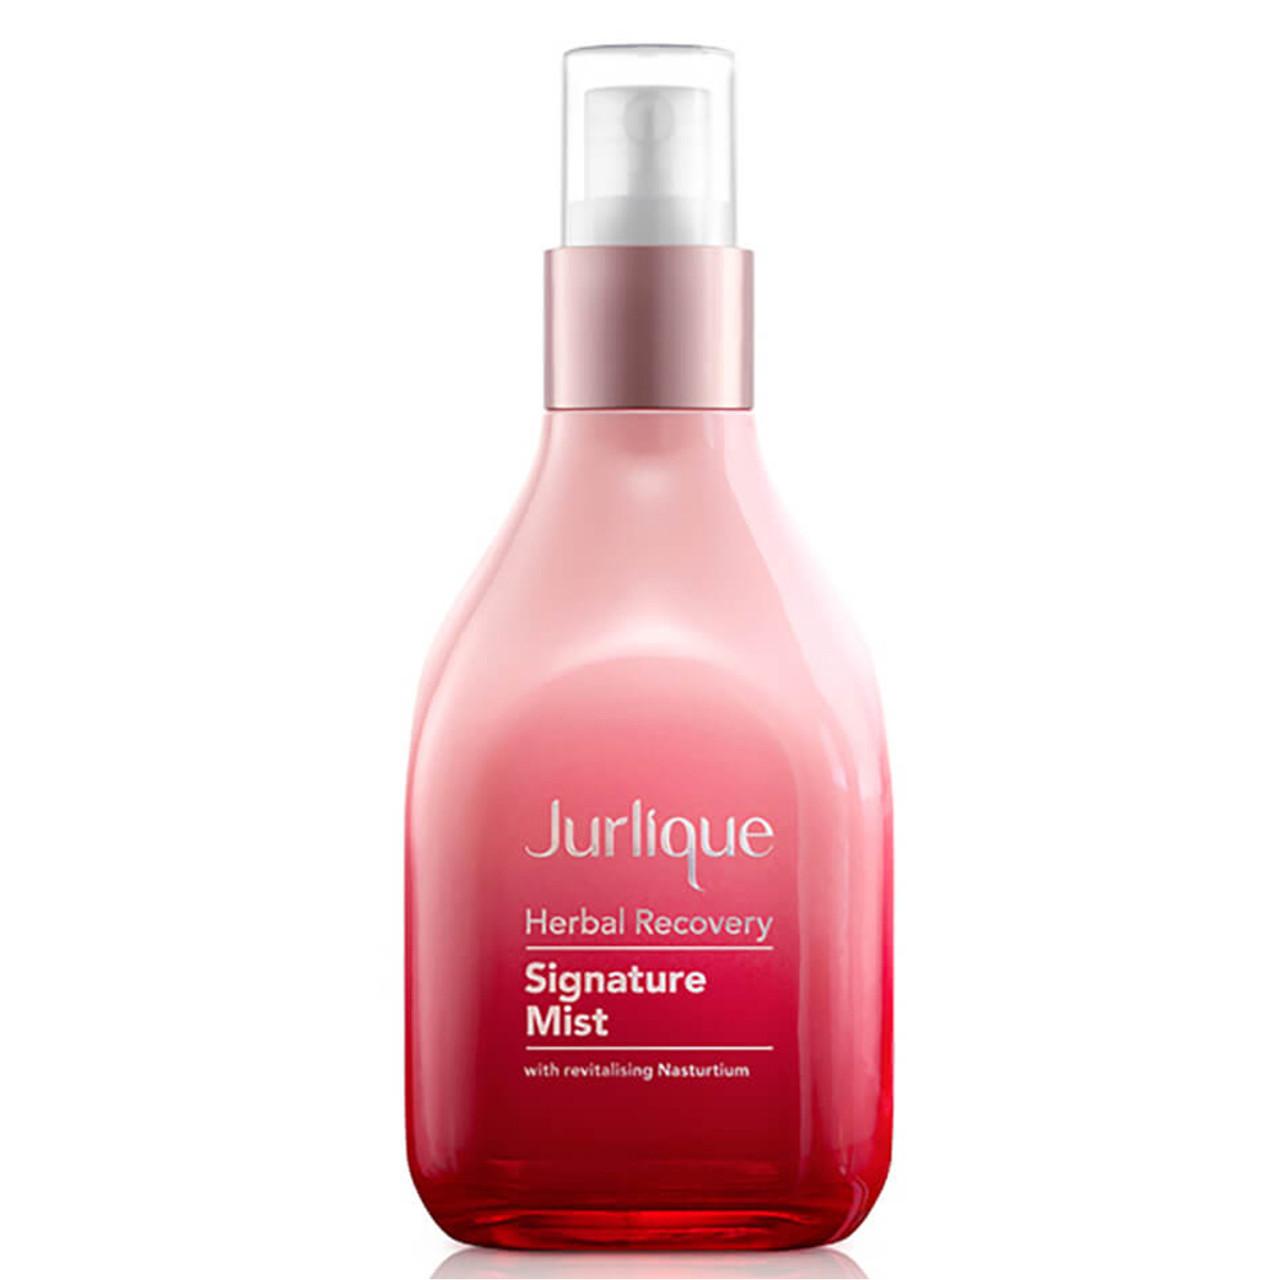 Jurlique Herbal Recovery Signature Mist BeautifiedYou.com